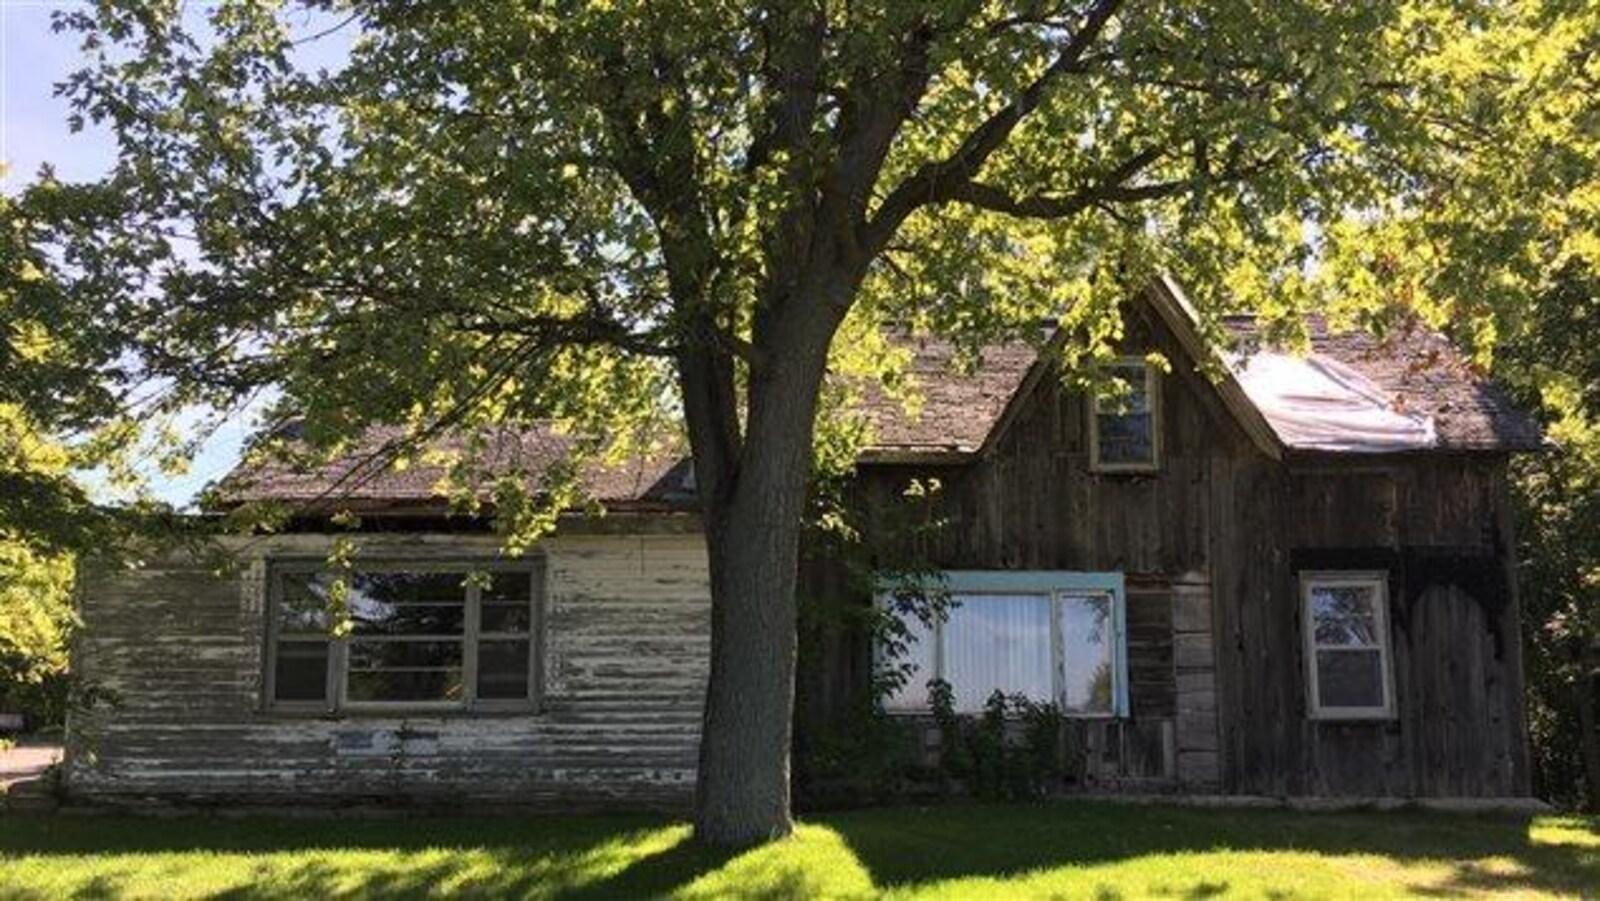 On voit la maison brune, blanche et grise derrière un arbre, ensoleillée.